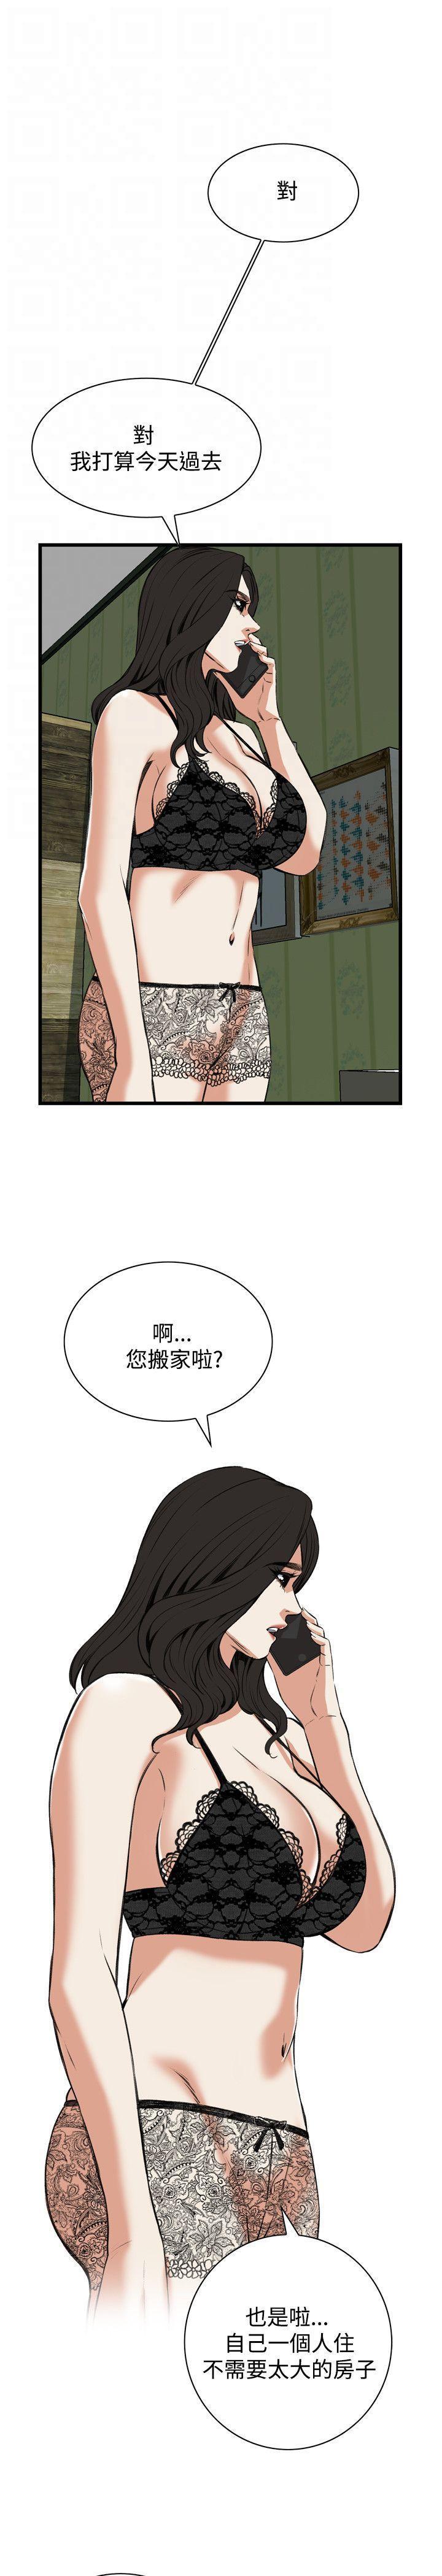 偷窥72-93 Chinese Rsiky 189